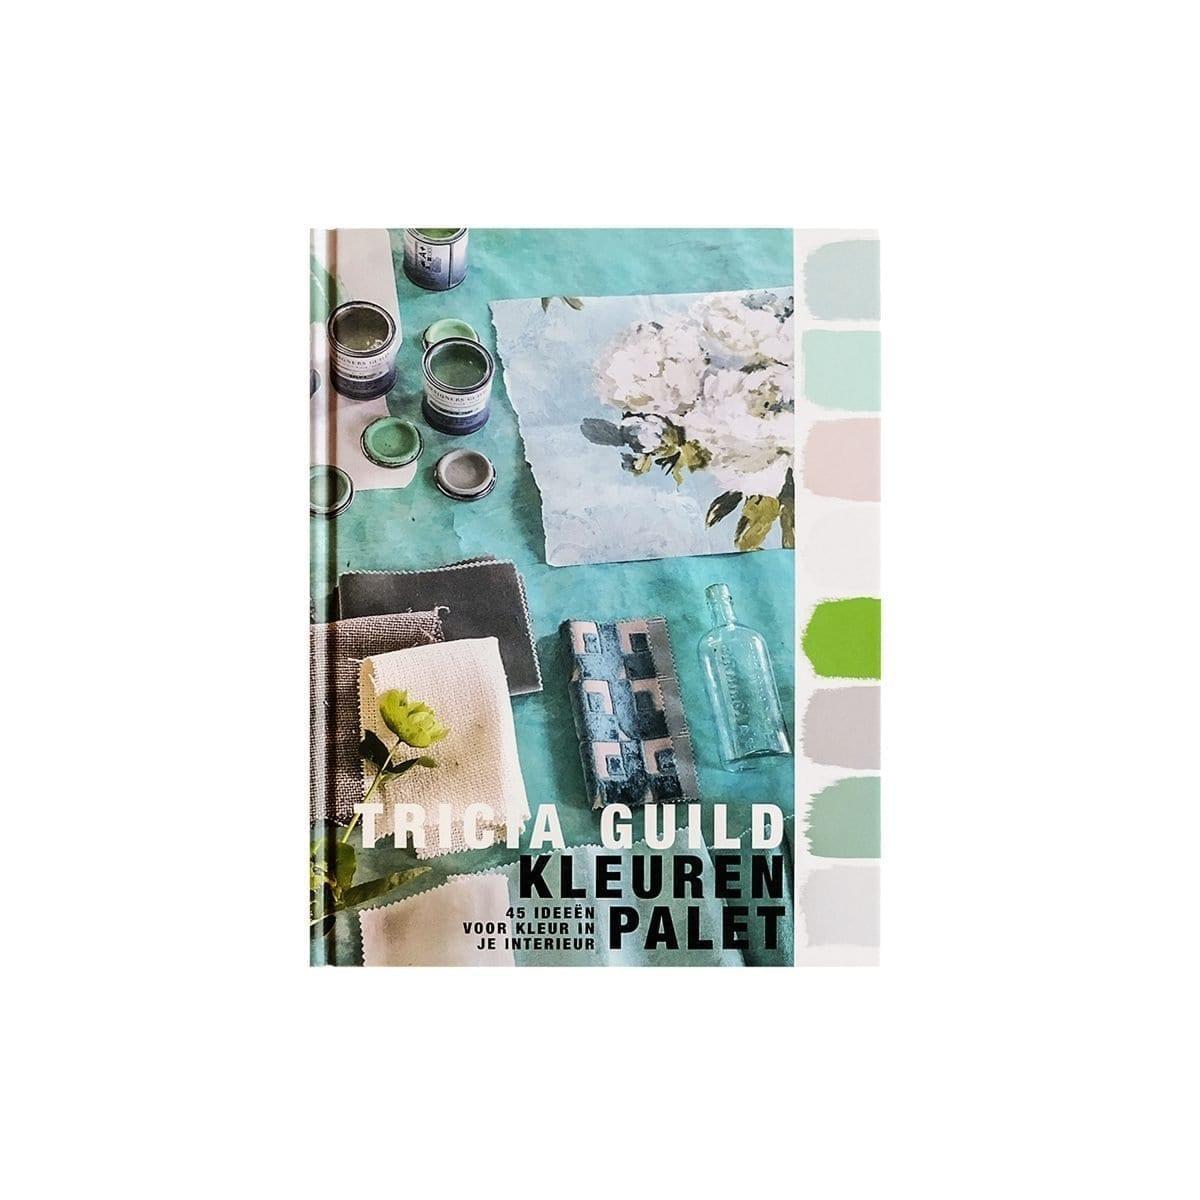 Boek geschreven door Tricia Guild, Tricia Guild kleurenpalette